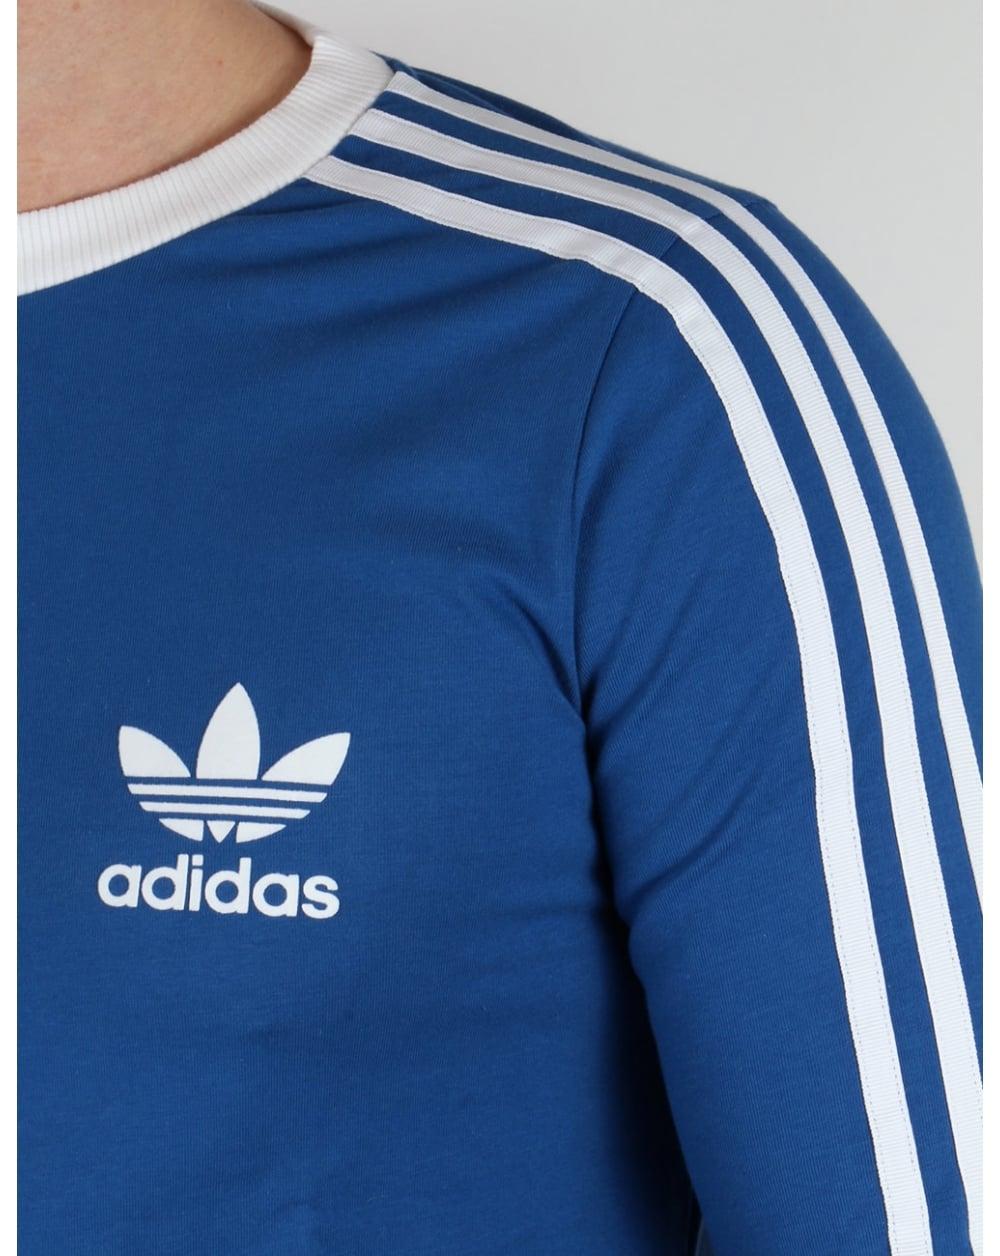 adidas original 3 stripes shirt